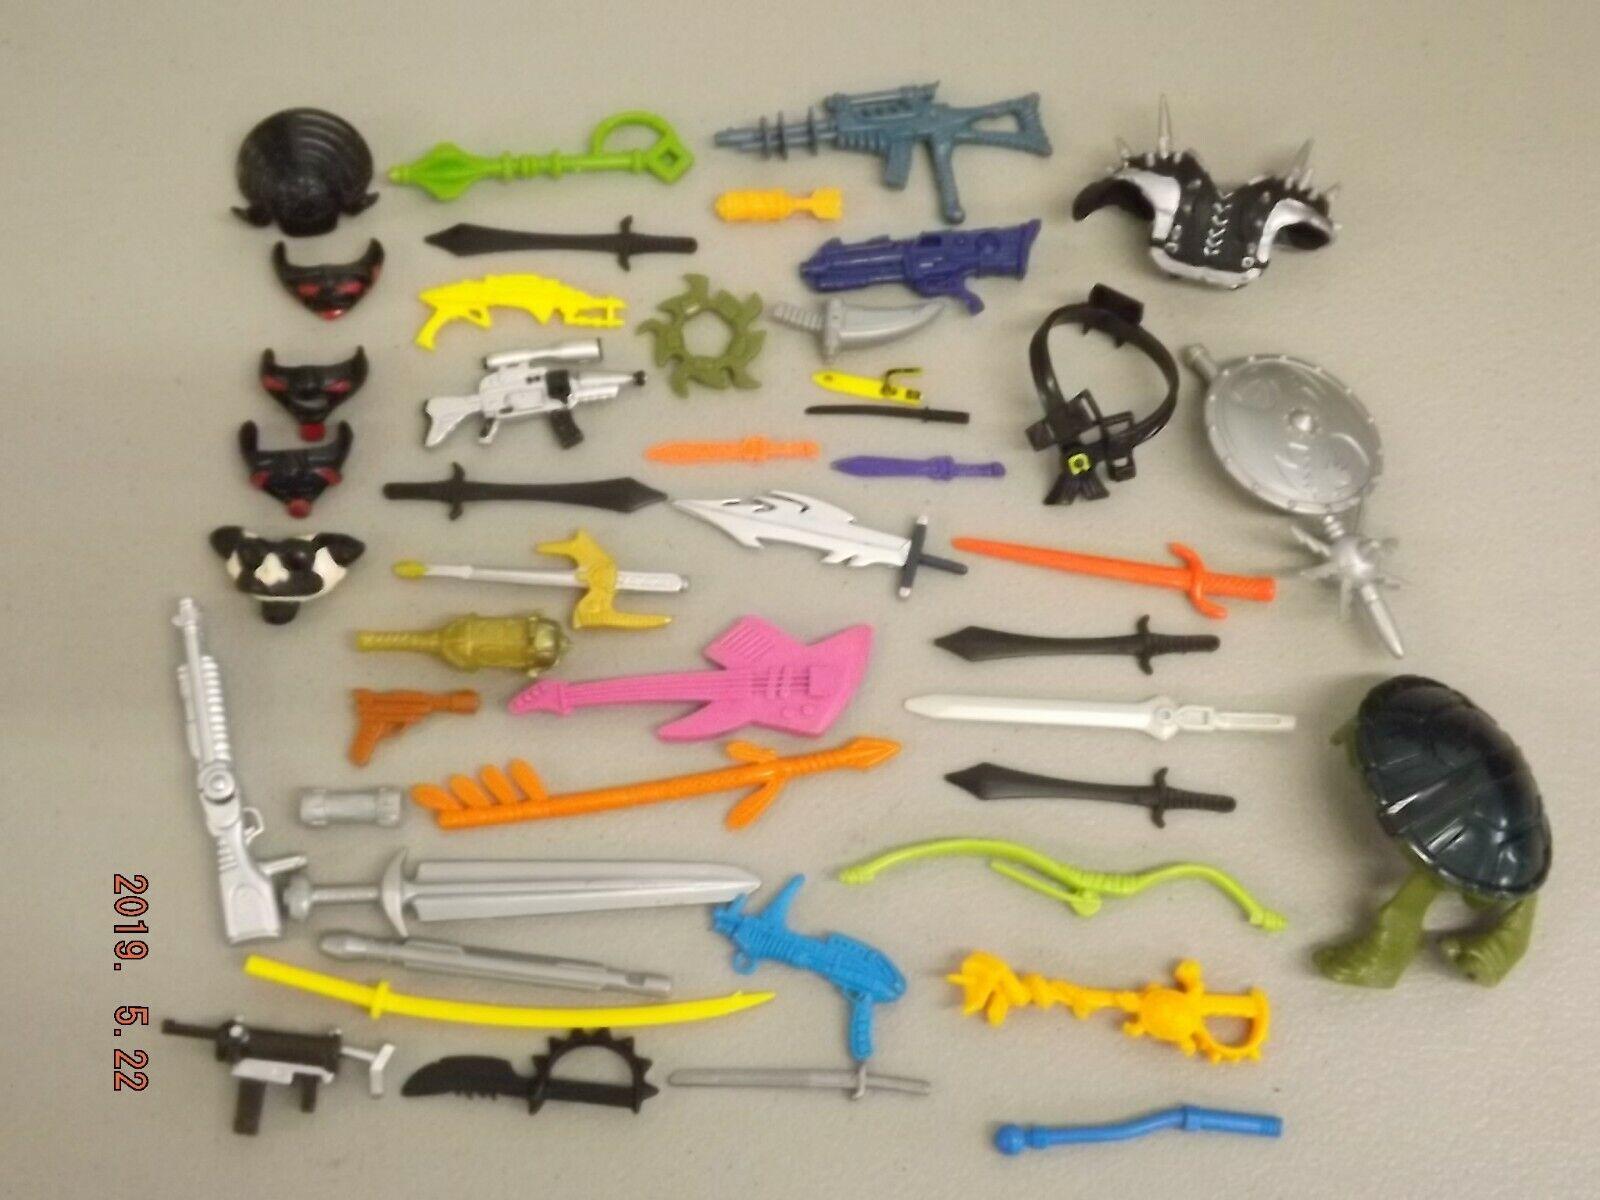 Vintage Teenage Mutant Ninja Turtles Armes & accessoires Lot Teenage Mutant Ninja Turtles